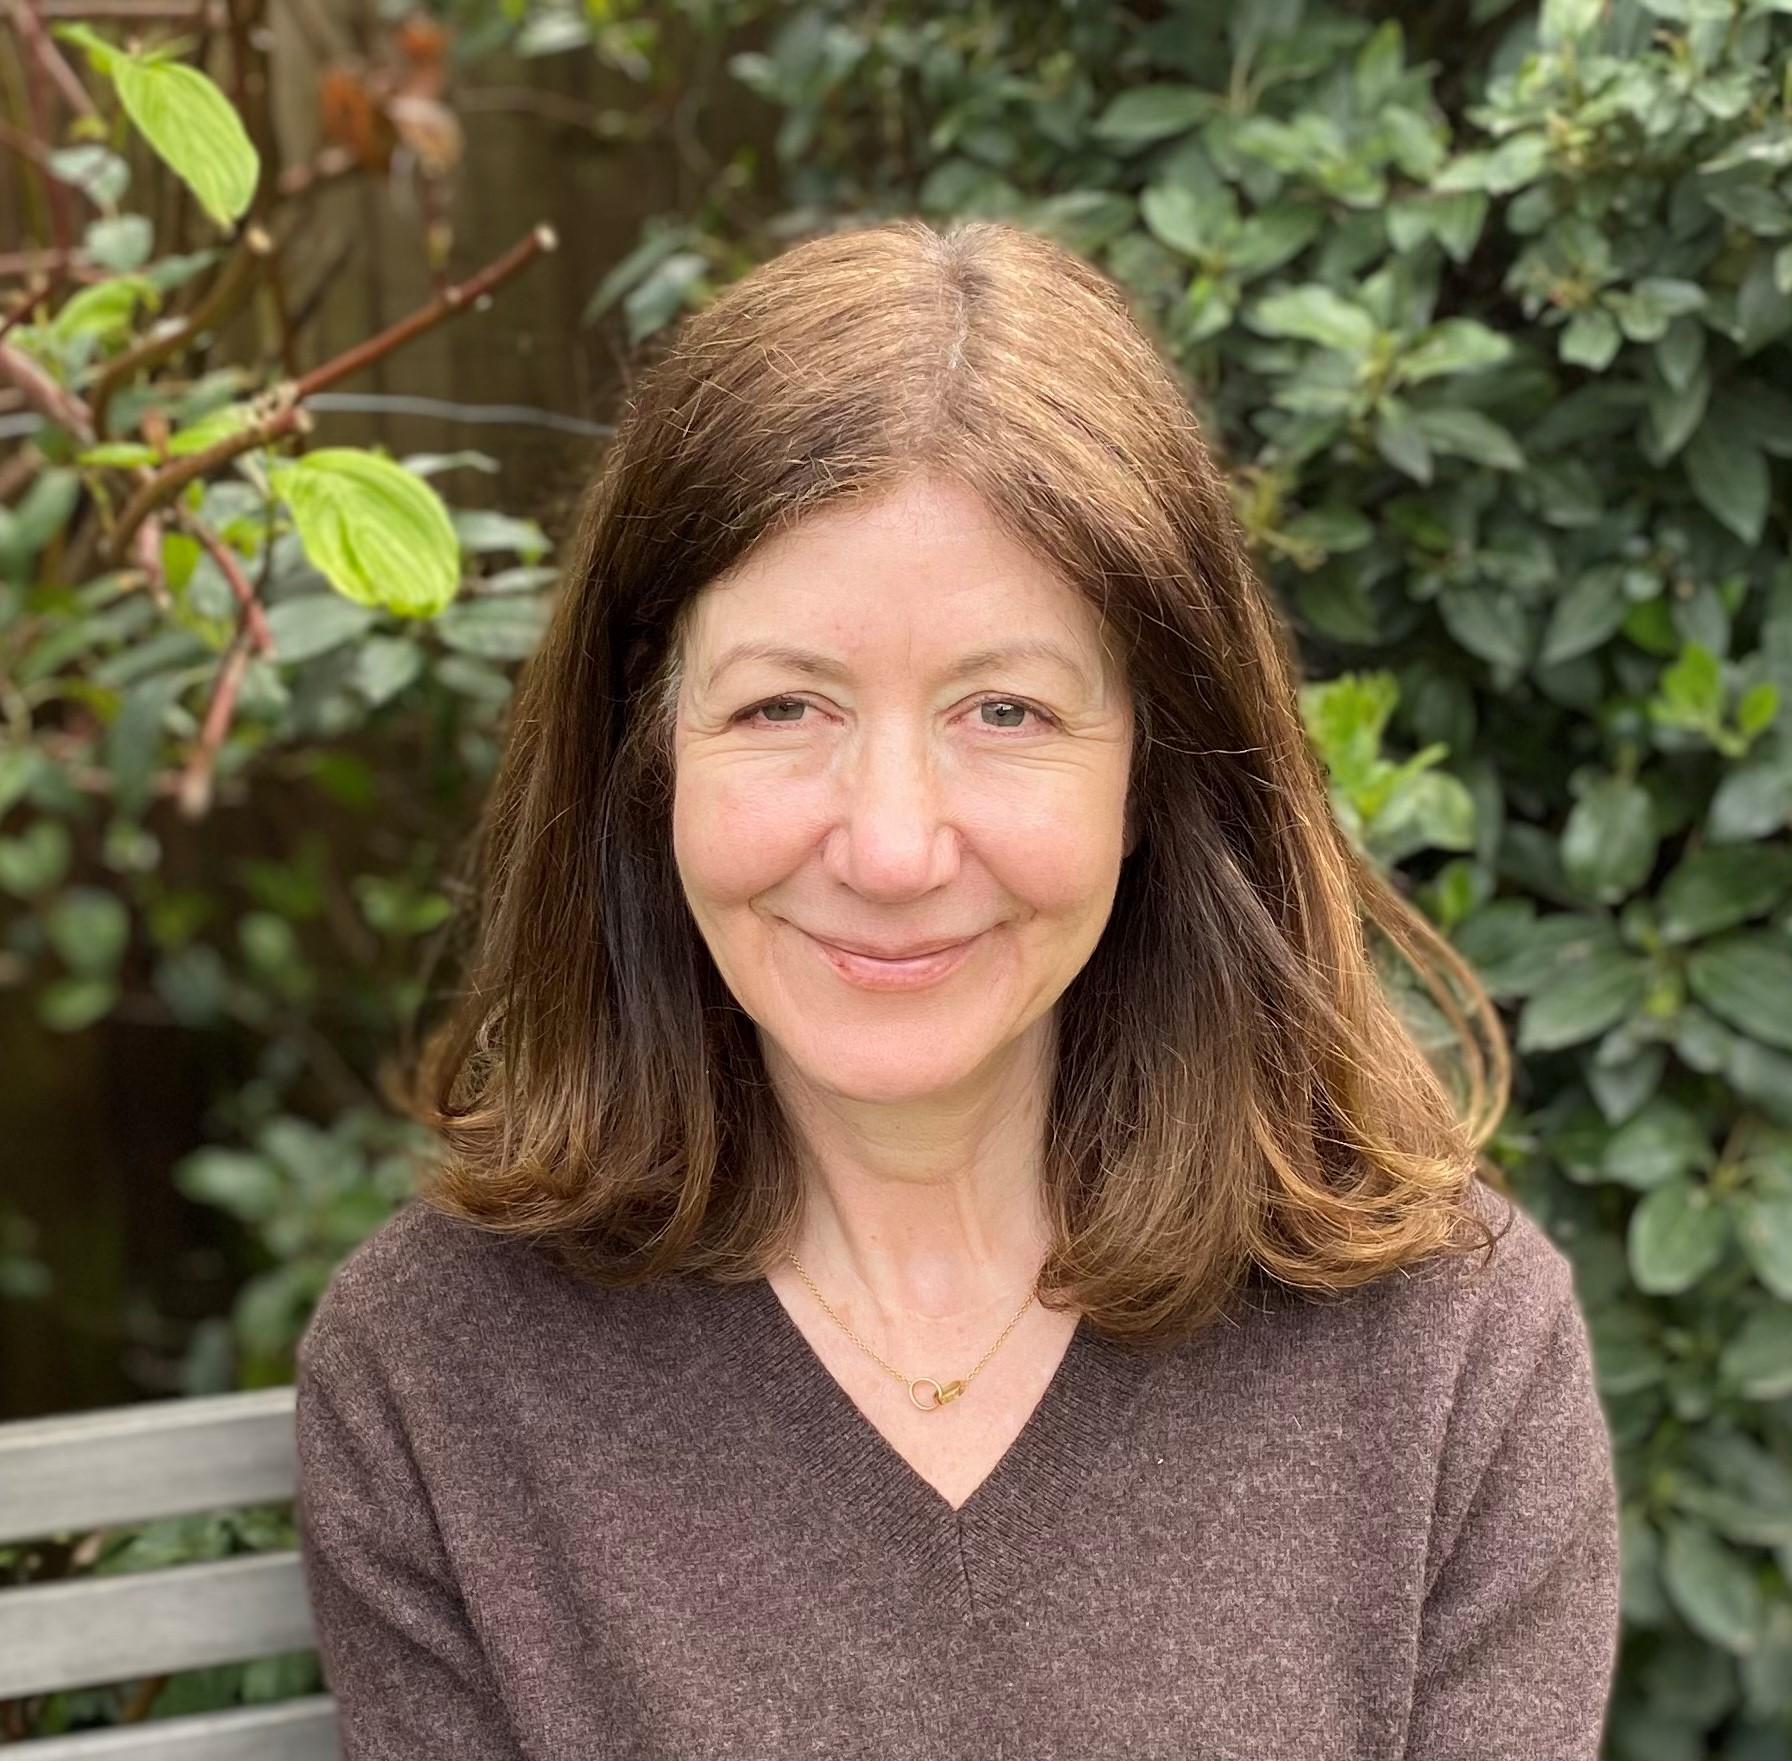 Elizabeth Lisac